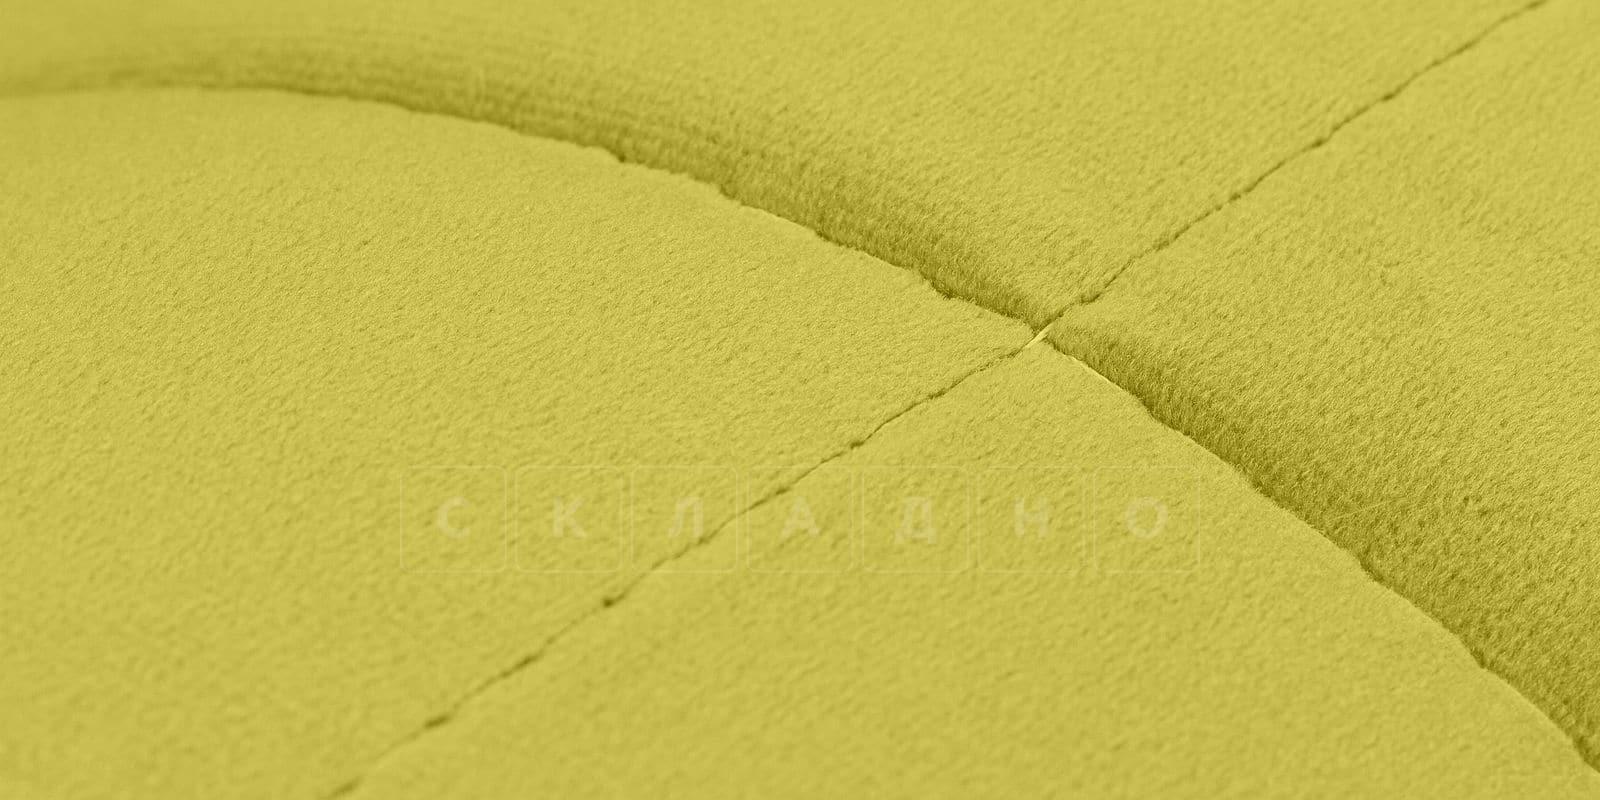 Диван Мадрид велюр оливковый фото 7 | интернет-магазин Складно